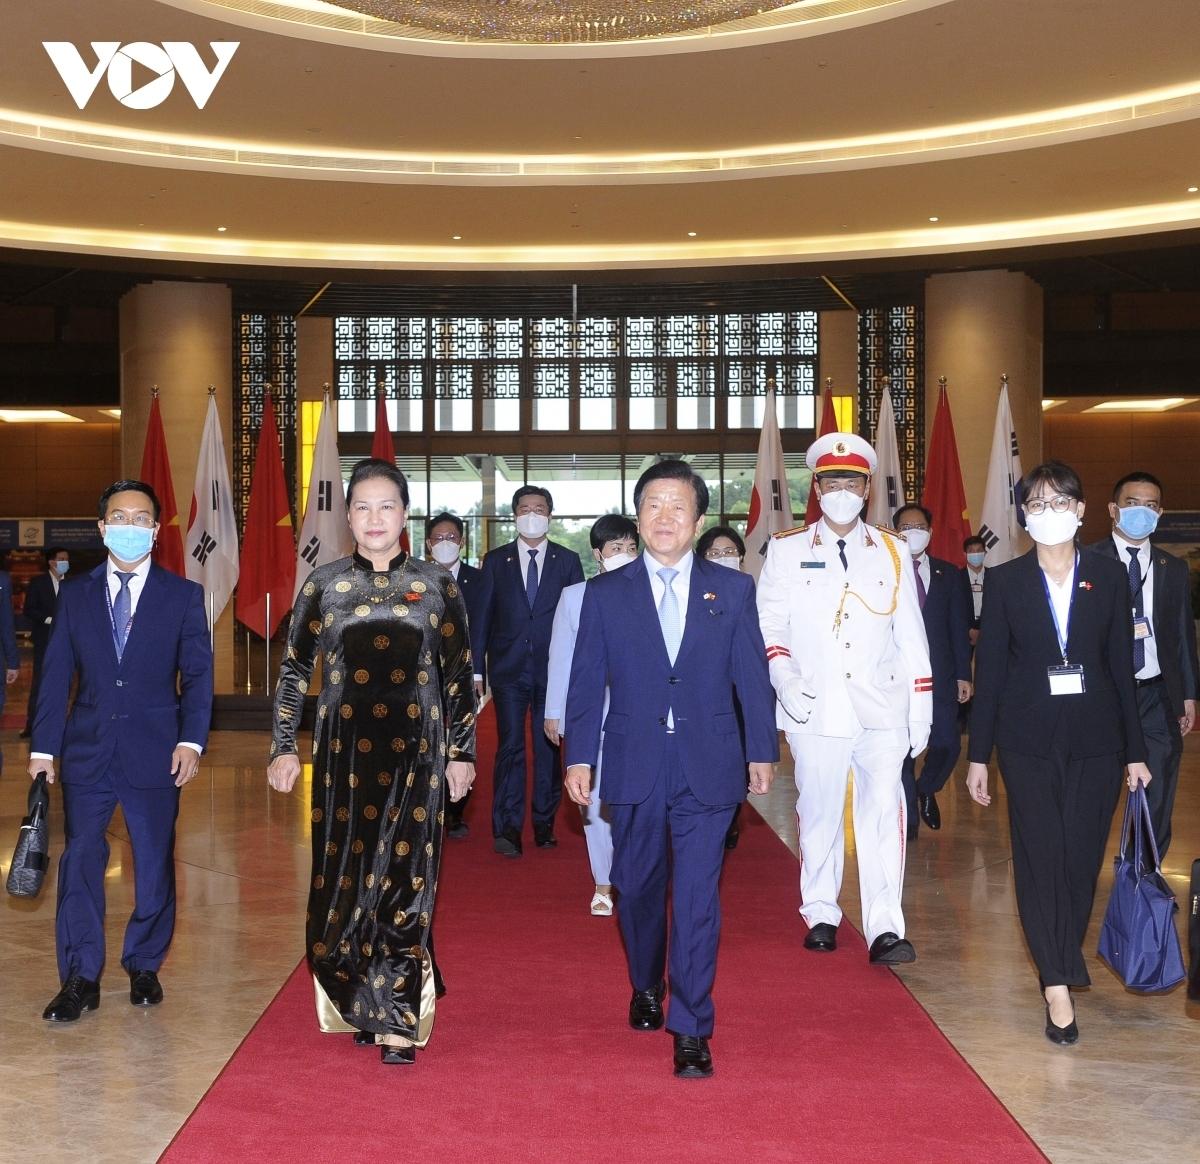 Nhận lời mời của Chủ tịch Quốc hội Nguyễn Thị Kim Ngân, Chủ tịch Quốc hội Hàn Quốc Park Byeong-Seug và Phu nhân cùng Đoàn đại biểu cấp cao Quốc hội Hàn Quốc thăm chính thức Việt Nam từ ngày 31/10 - 4/11.